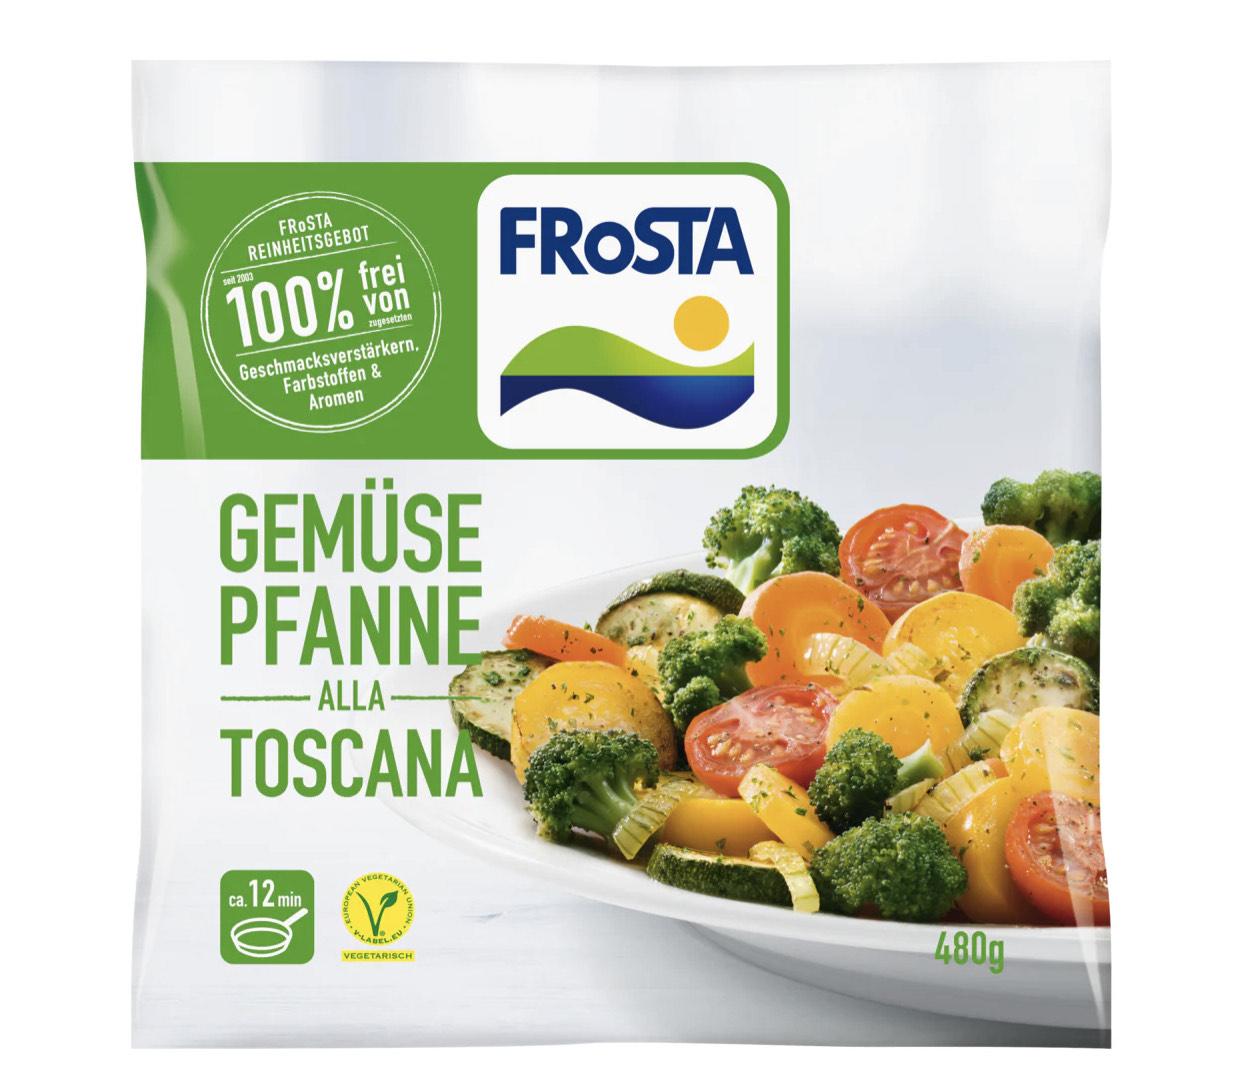 Bundesweit - Edeka und Bringmeister - Frosta Gemüse Pfanne Toskana - 1,69€ möglich durch Kombination.